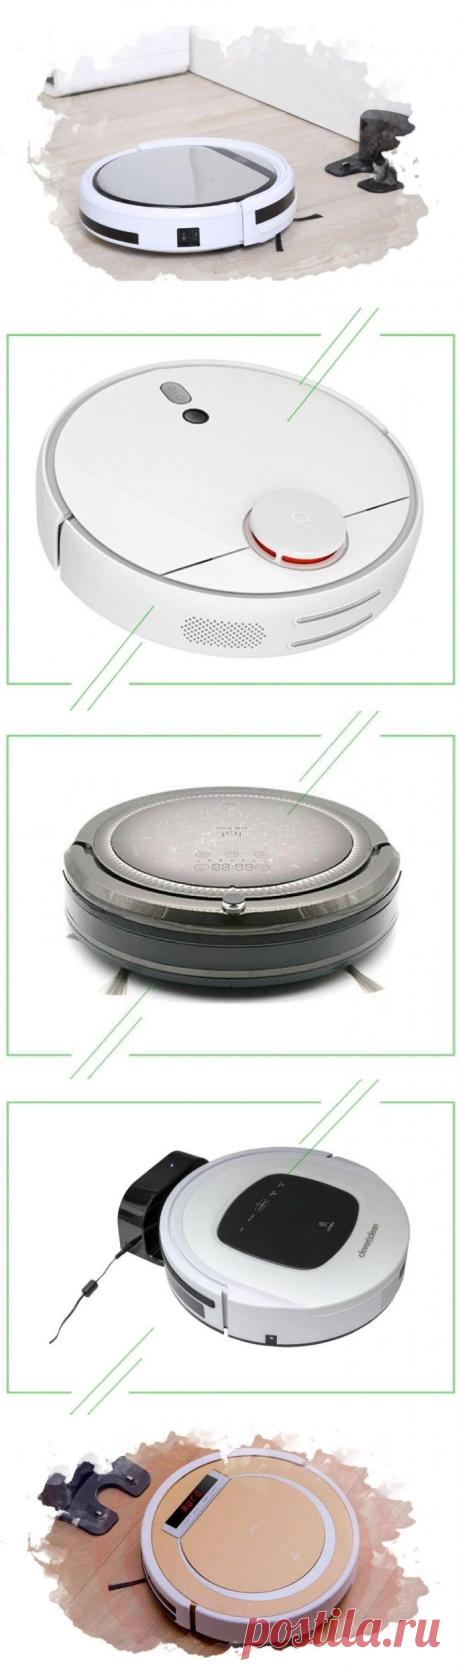 ТОП-7 лучших робот-пылесосов для дома